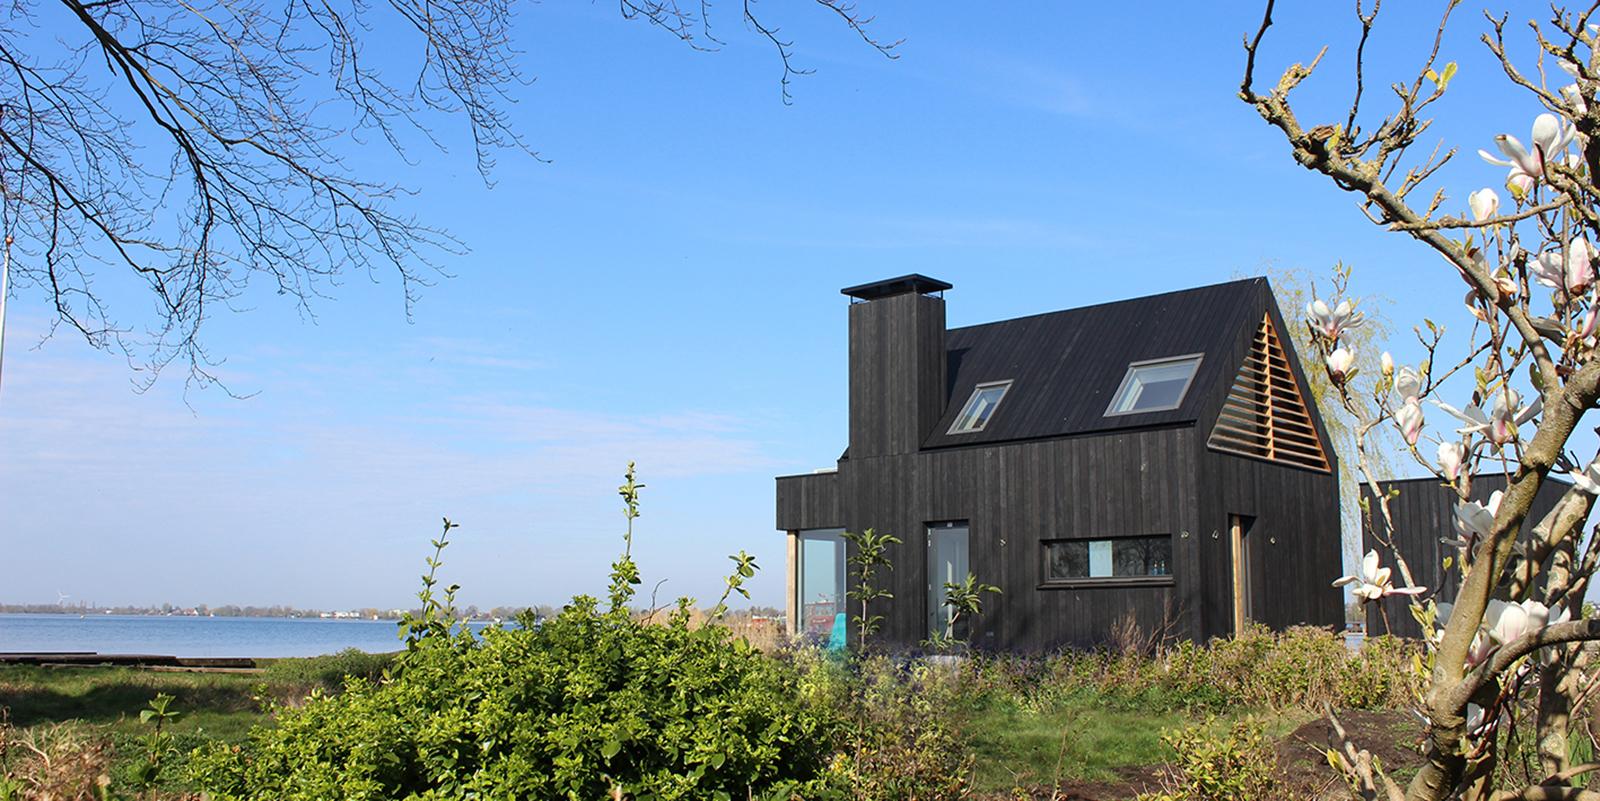 circulair bouwen, finnhouse, duurzaam